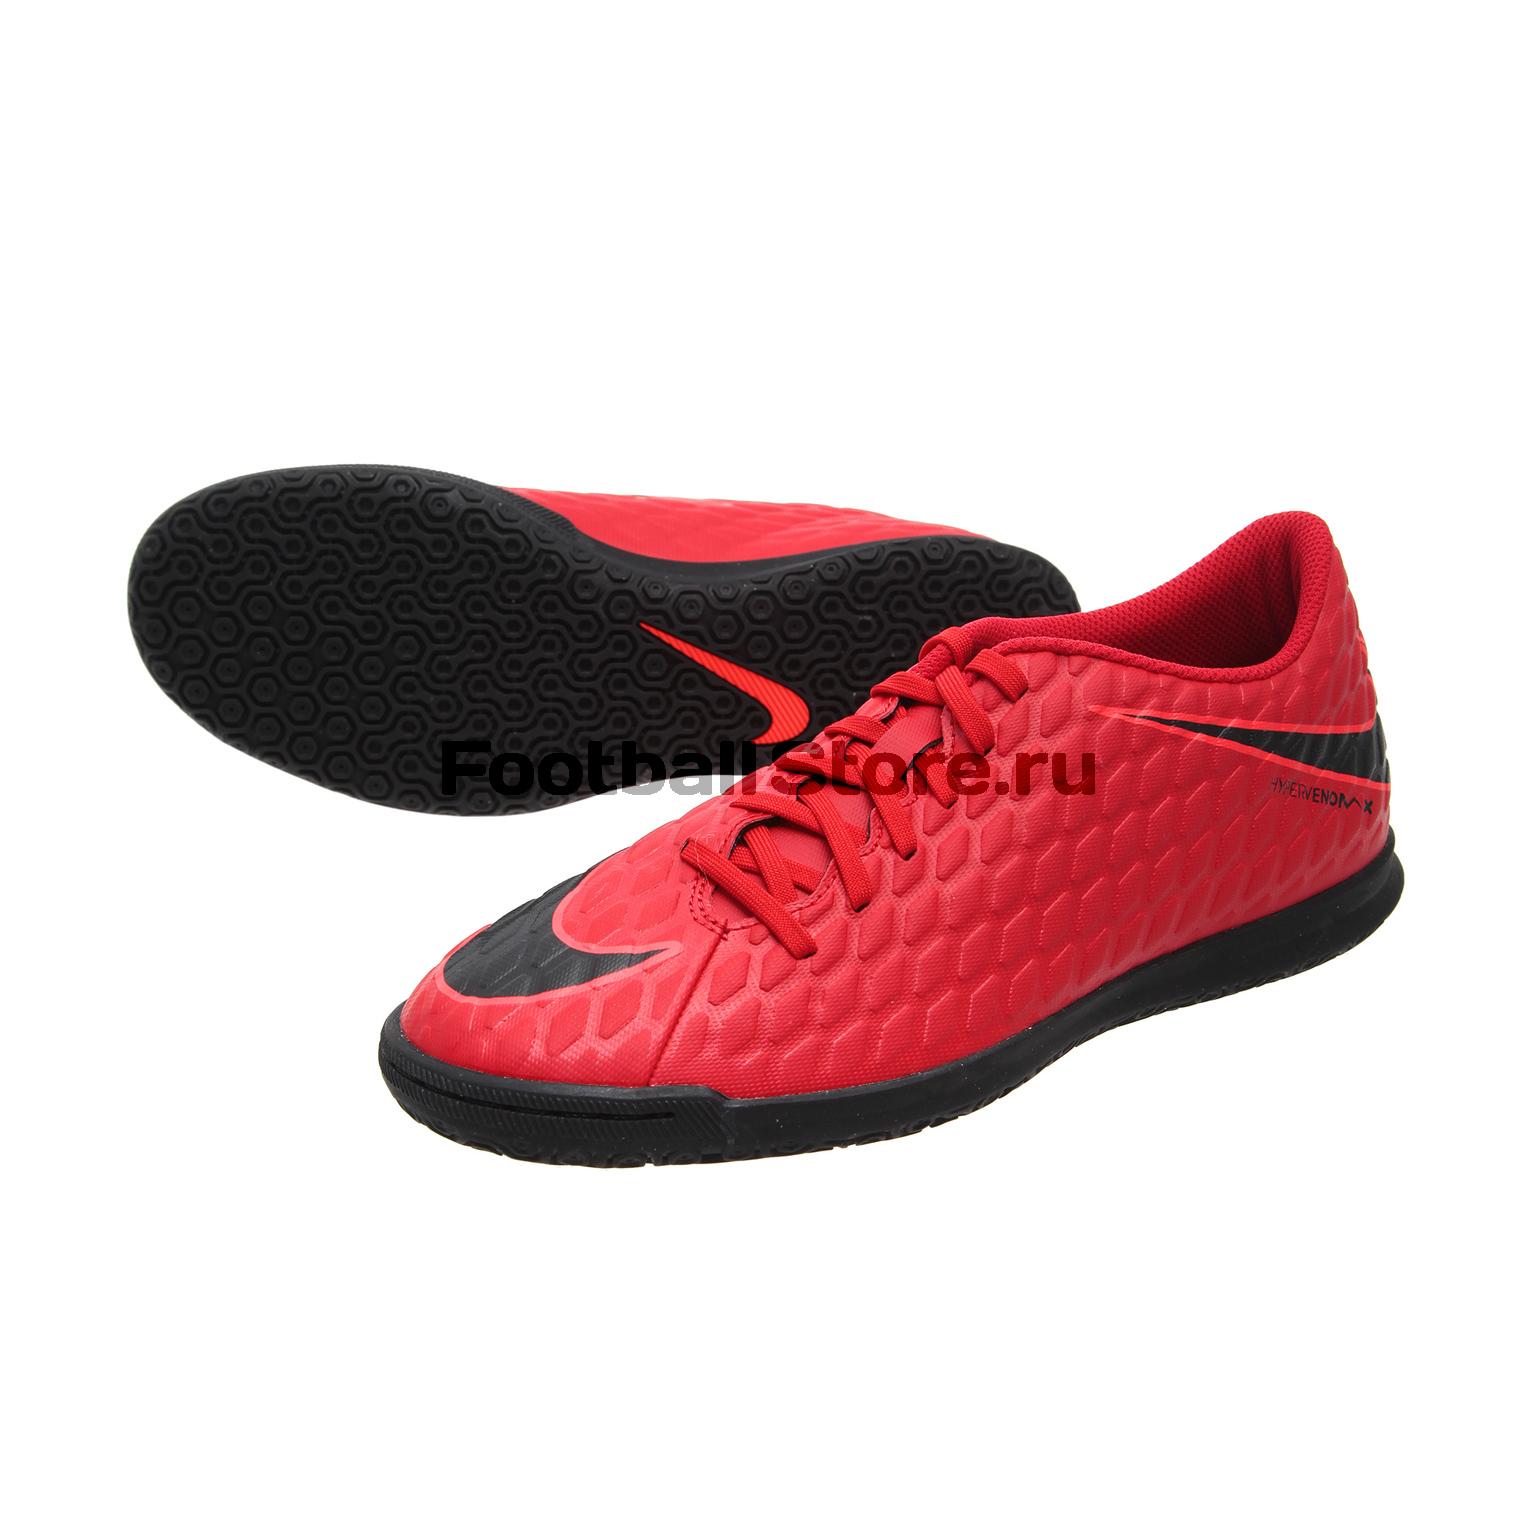 Обувь для зала Nike Обувь для зала Nike HypervenomX Phade III IC 852543-616 обувь для зала nike обувь для зала nike hypervenomx phelon iii ic 852563 616